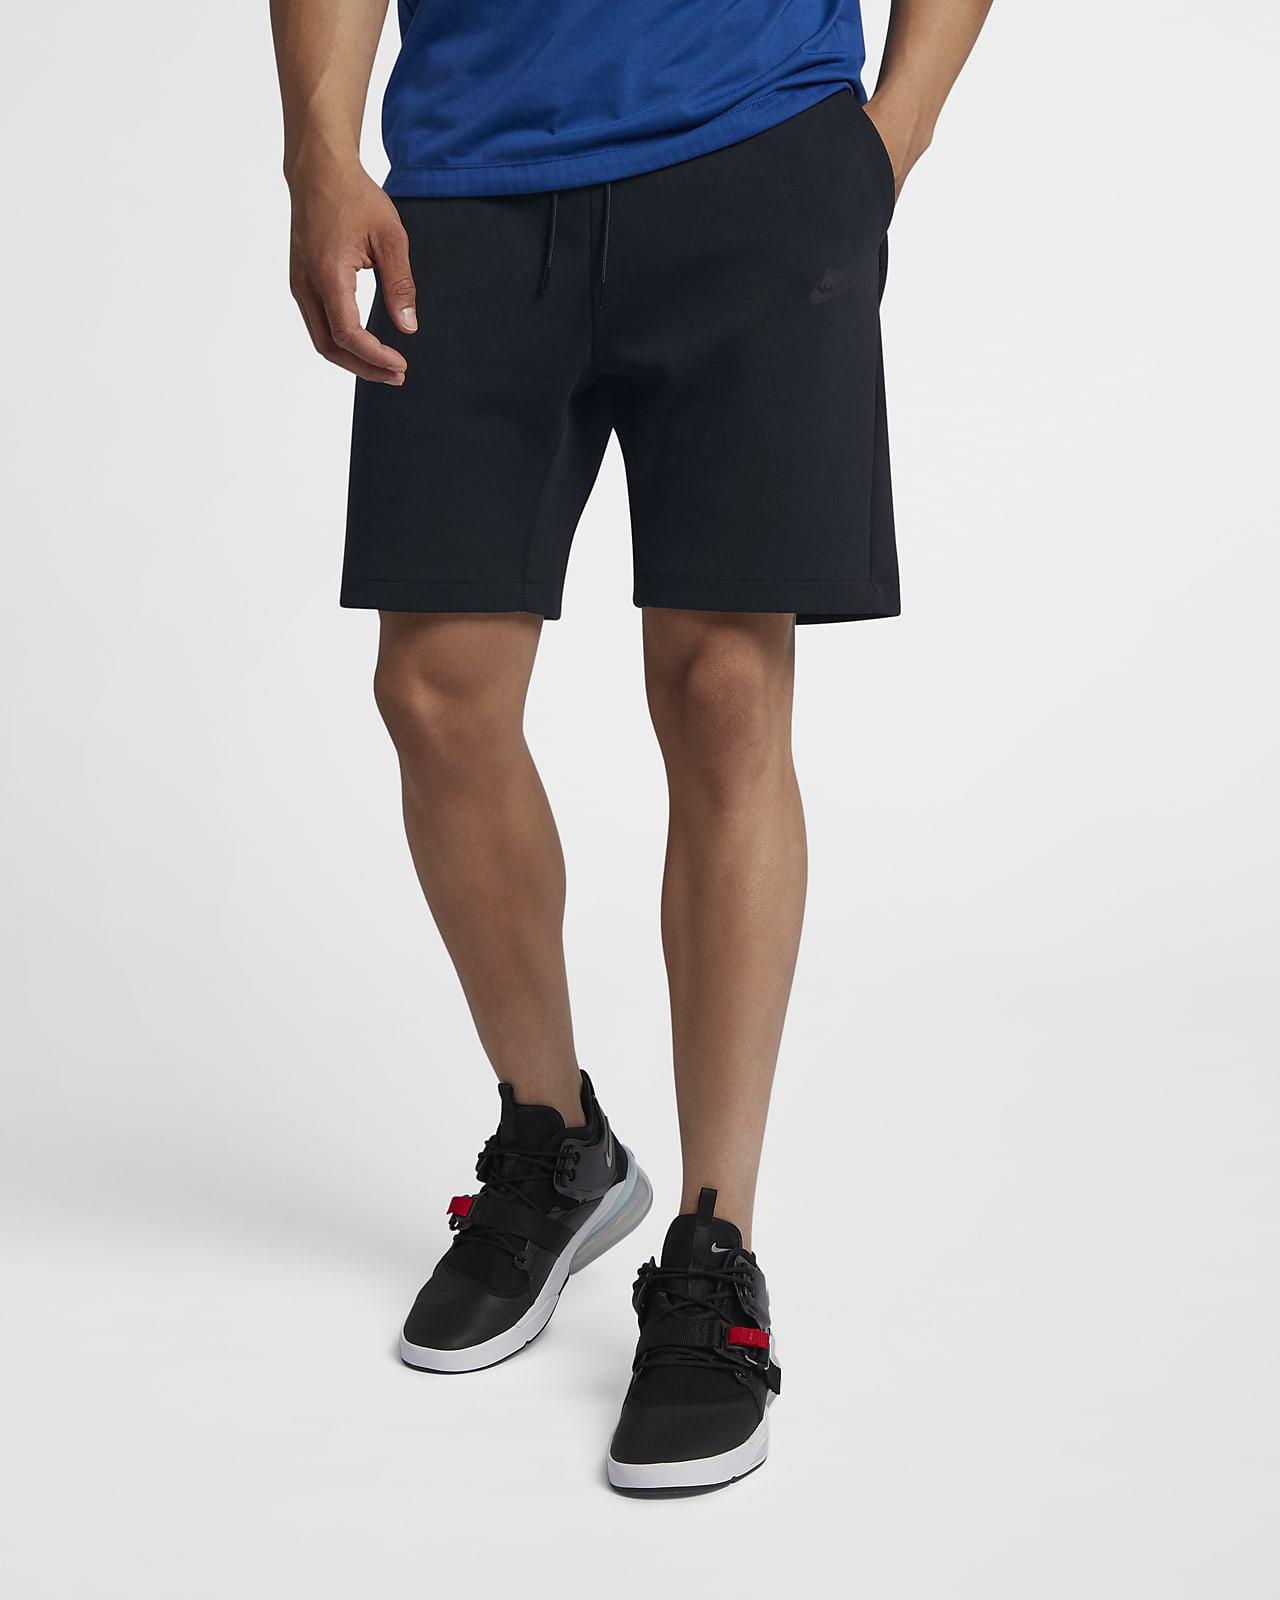 Nike Sportswear Tech Fleece 男款短褲